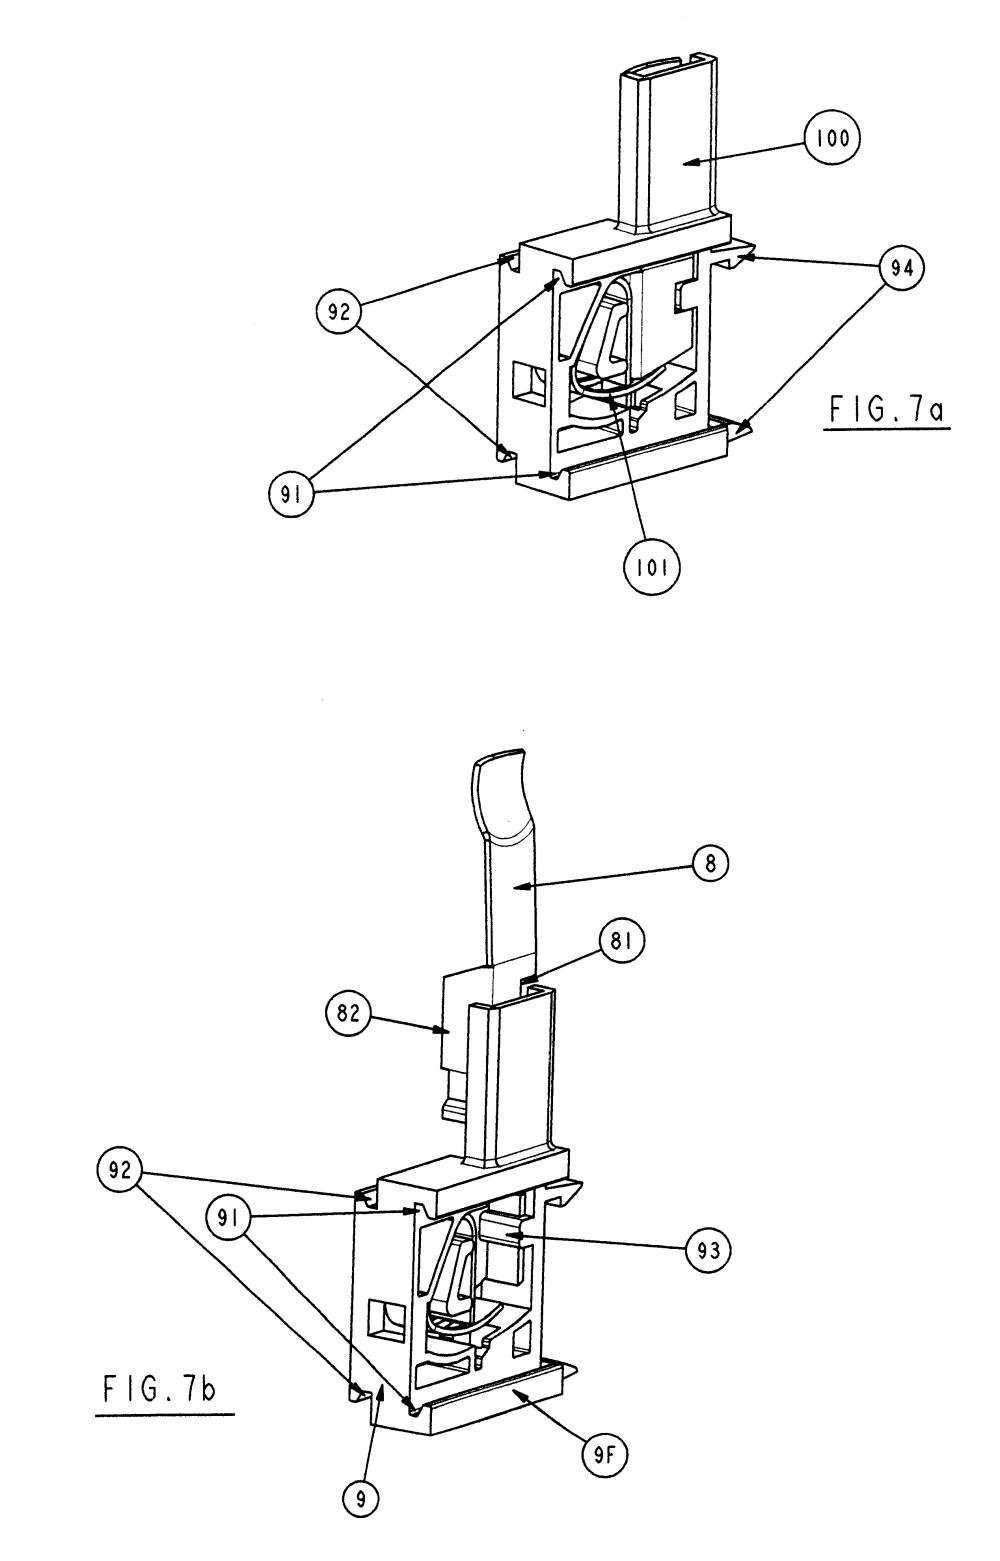 medium resolution of 2004 pontiac grand am fuel pump wiring diagram trusted wiring diagram 2001 montero interior parts diagram